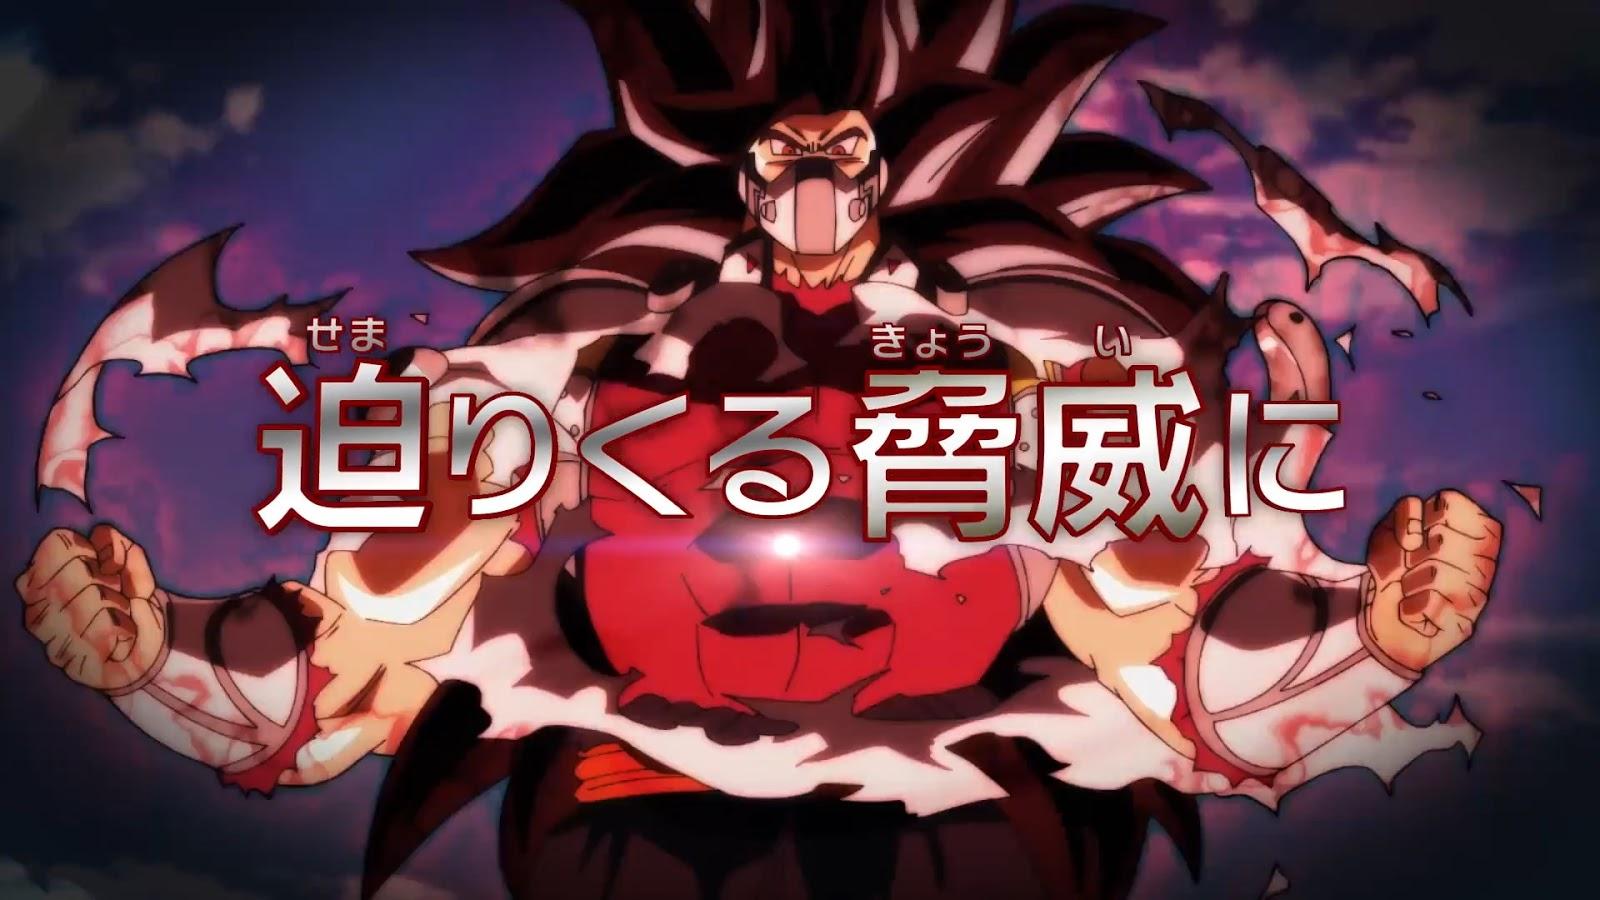 VÍDEO: Dragon Ball Héroes estrena su 4to episodio en septiembre